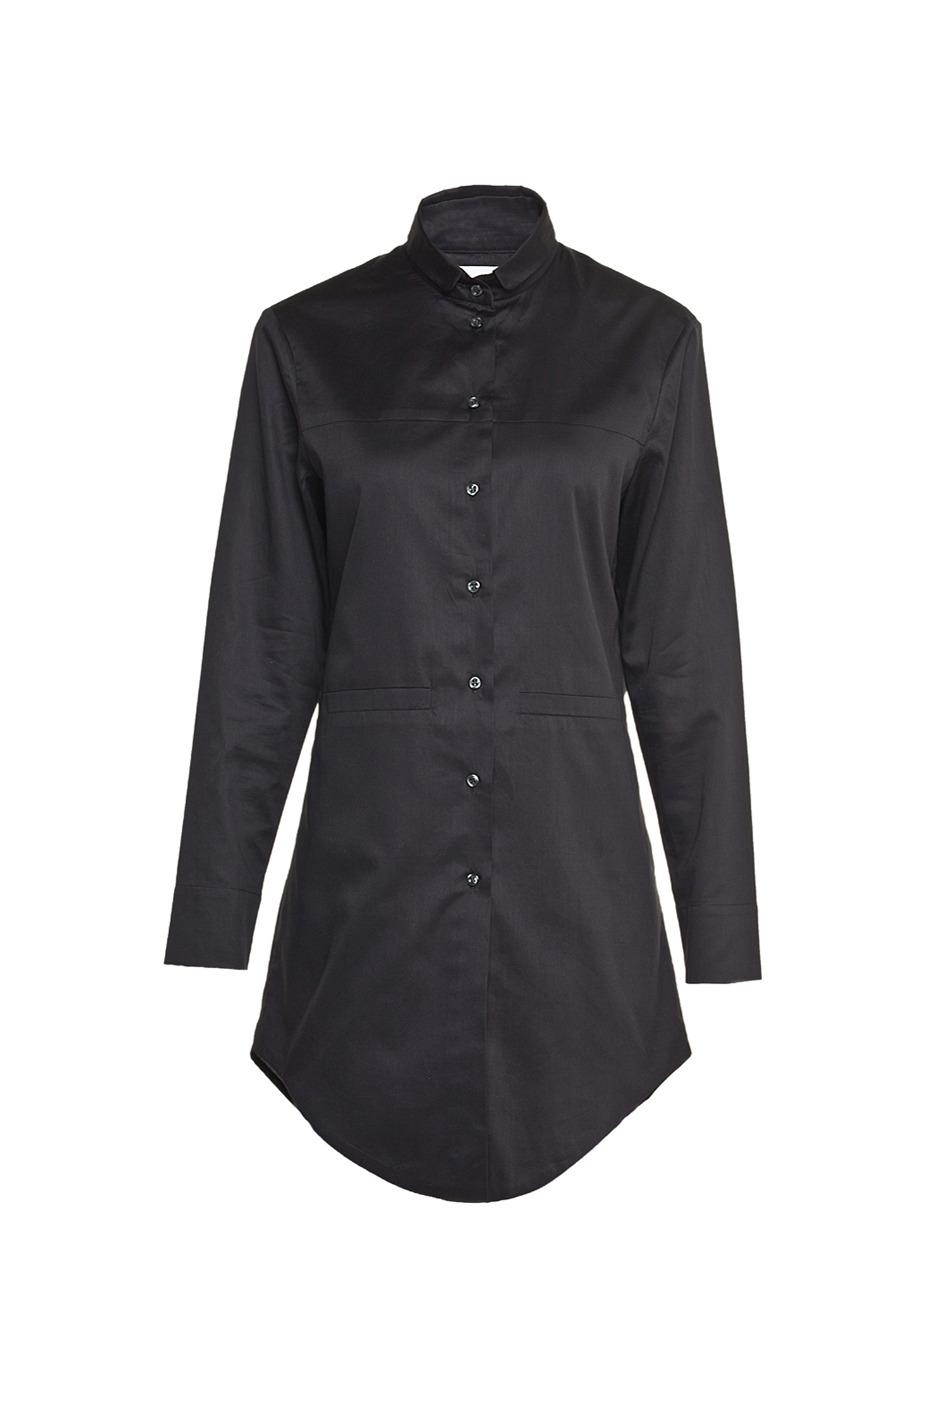 Ubrania od projektantów w przystępnej cenie - zobacz!